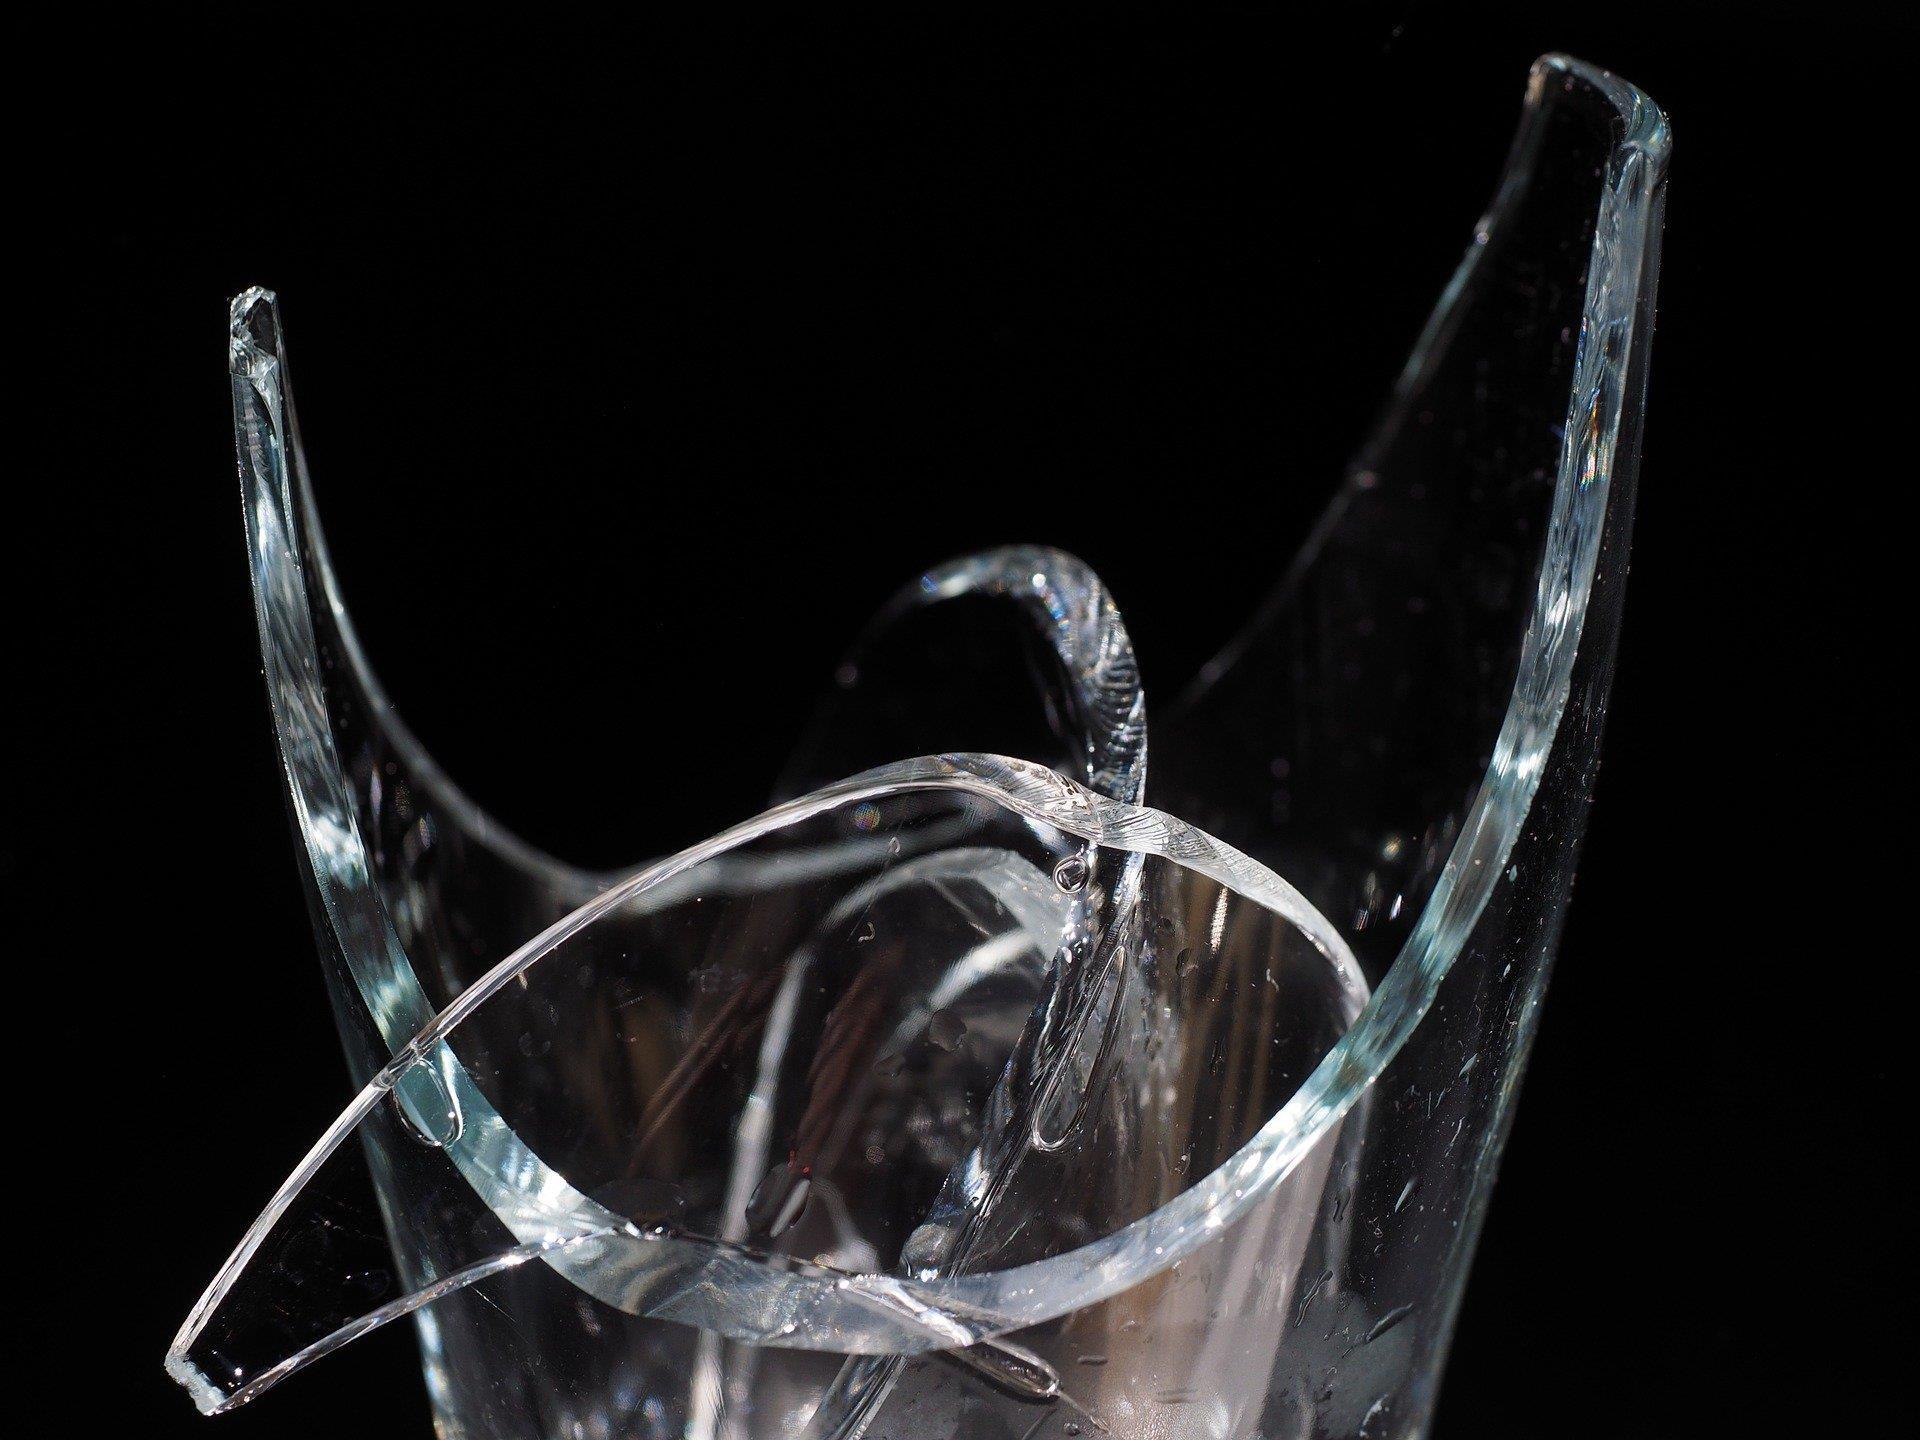 Die 25-jährige Wienerin zertrümmerte ihrer Rivalin mit einer Wodkaflasche die Nase.